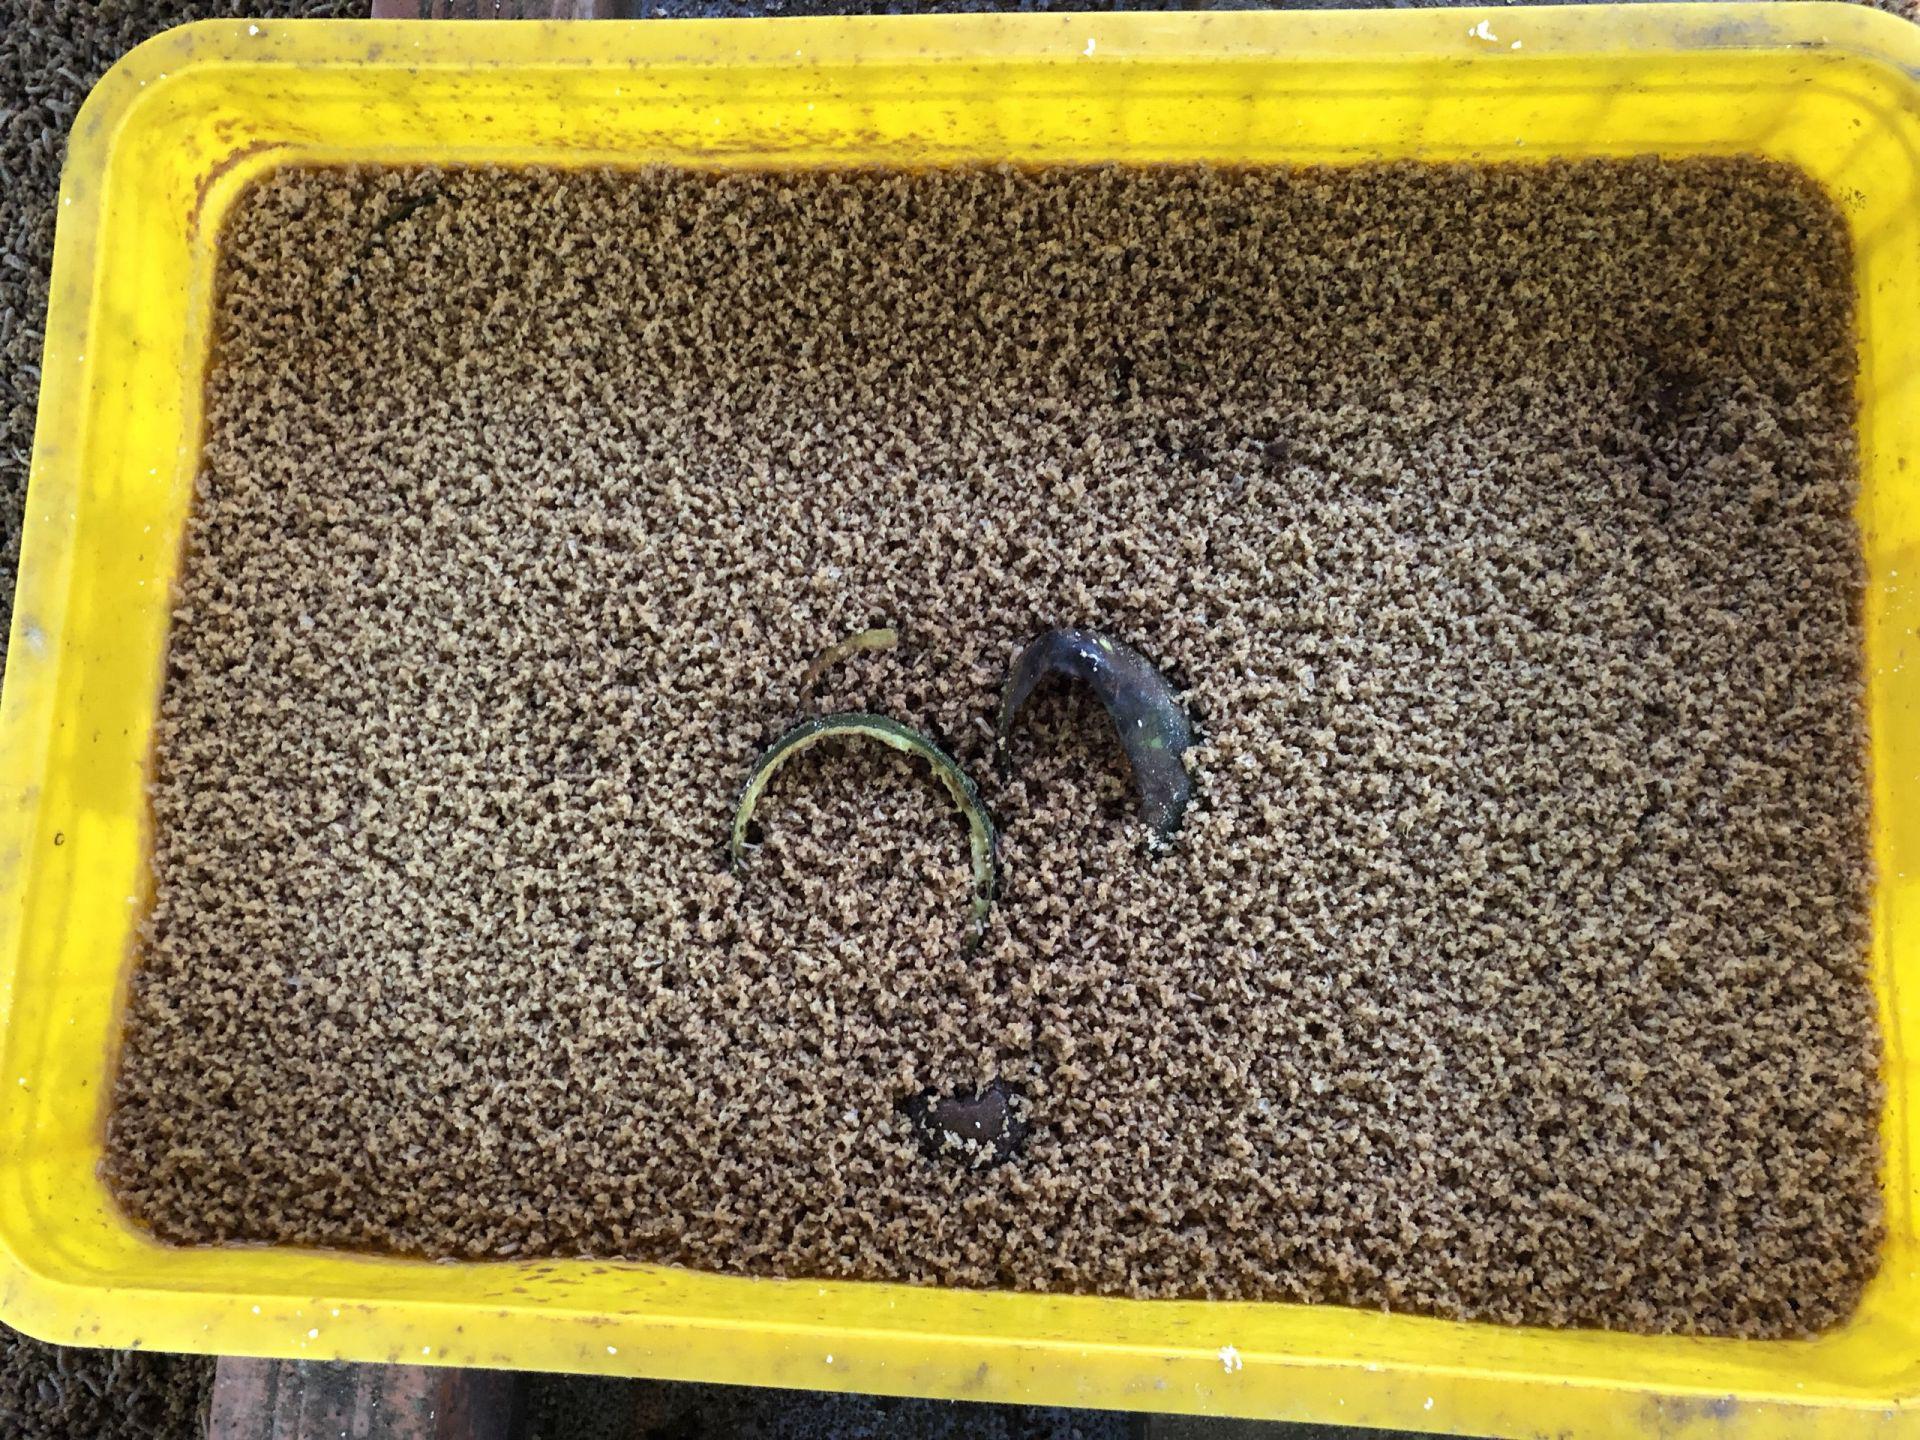 Tây Ninh: Nuôi loài ruồi này rồi lấy trứng đem bán giá 3 triệu đồng/100 gram trứng ruồi - Ảnh 1.